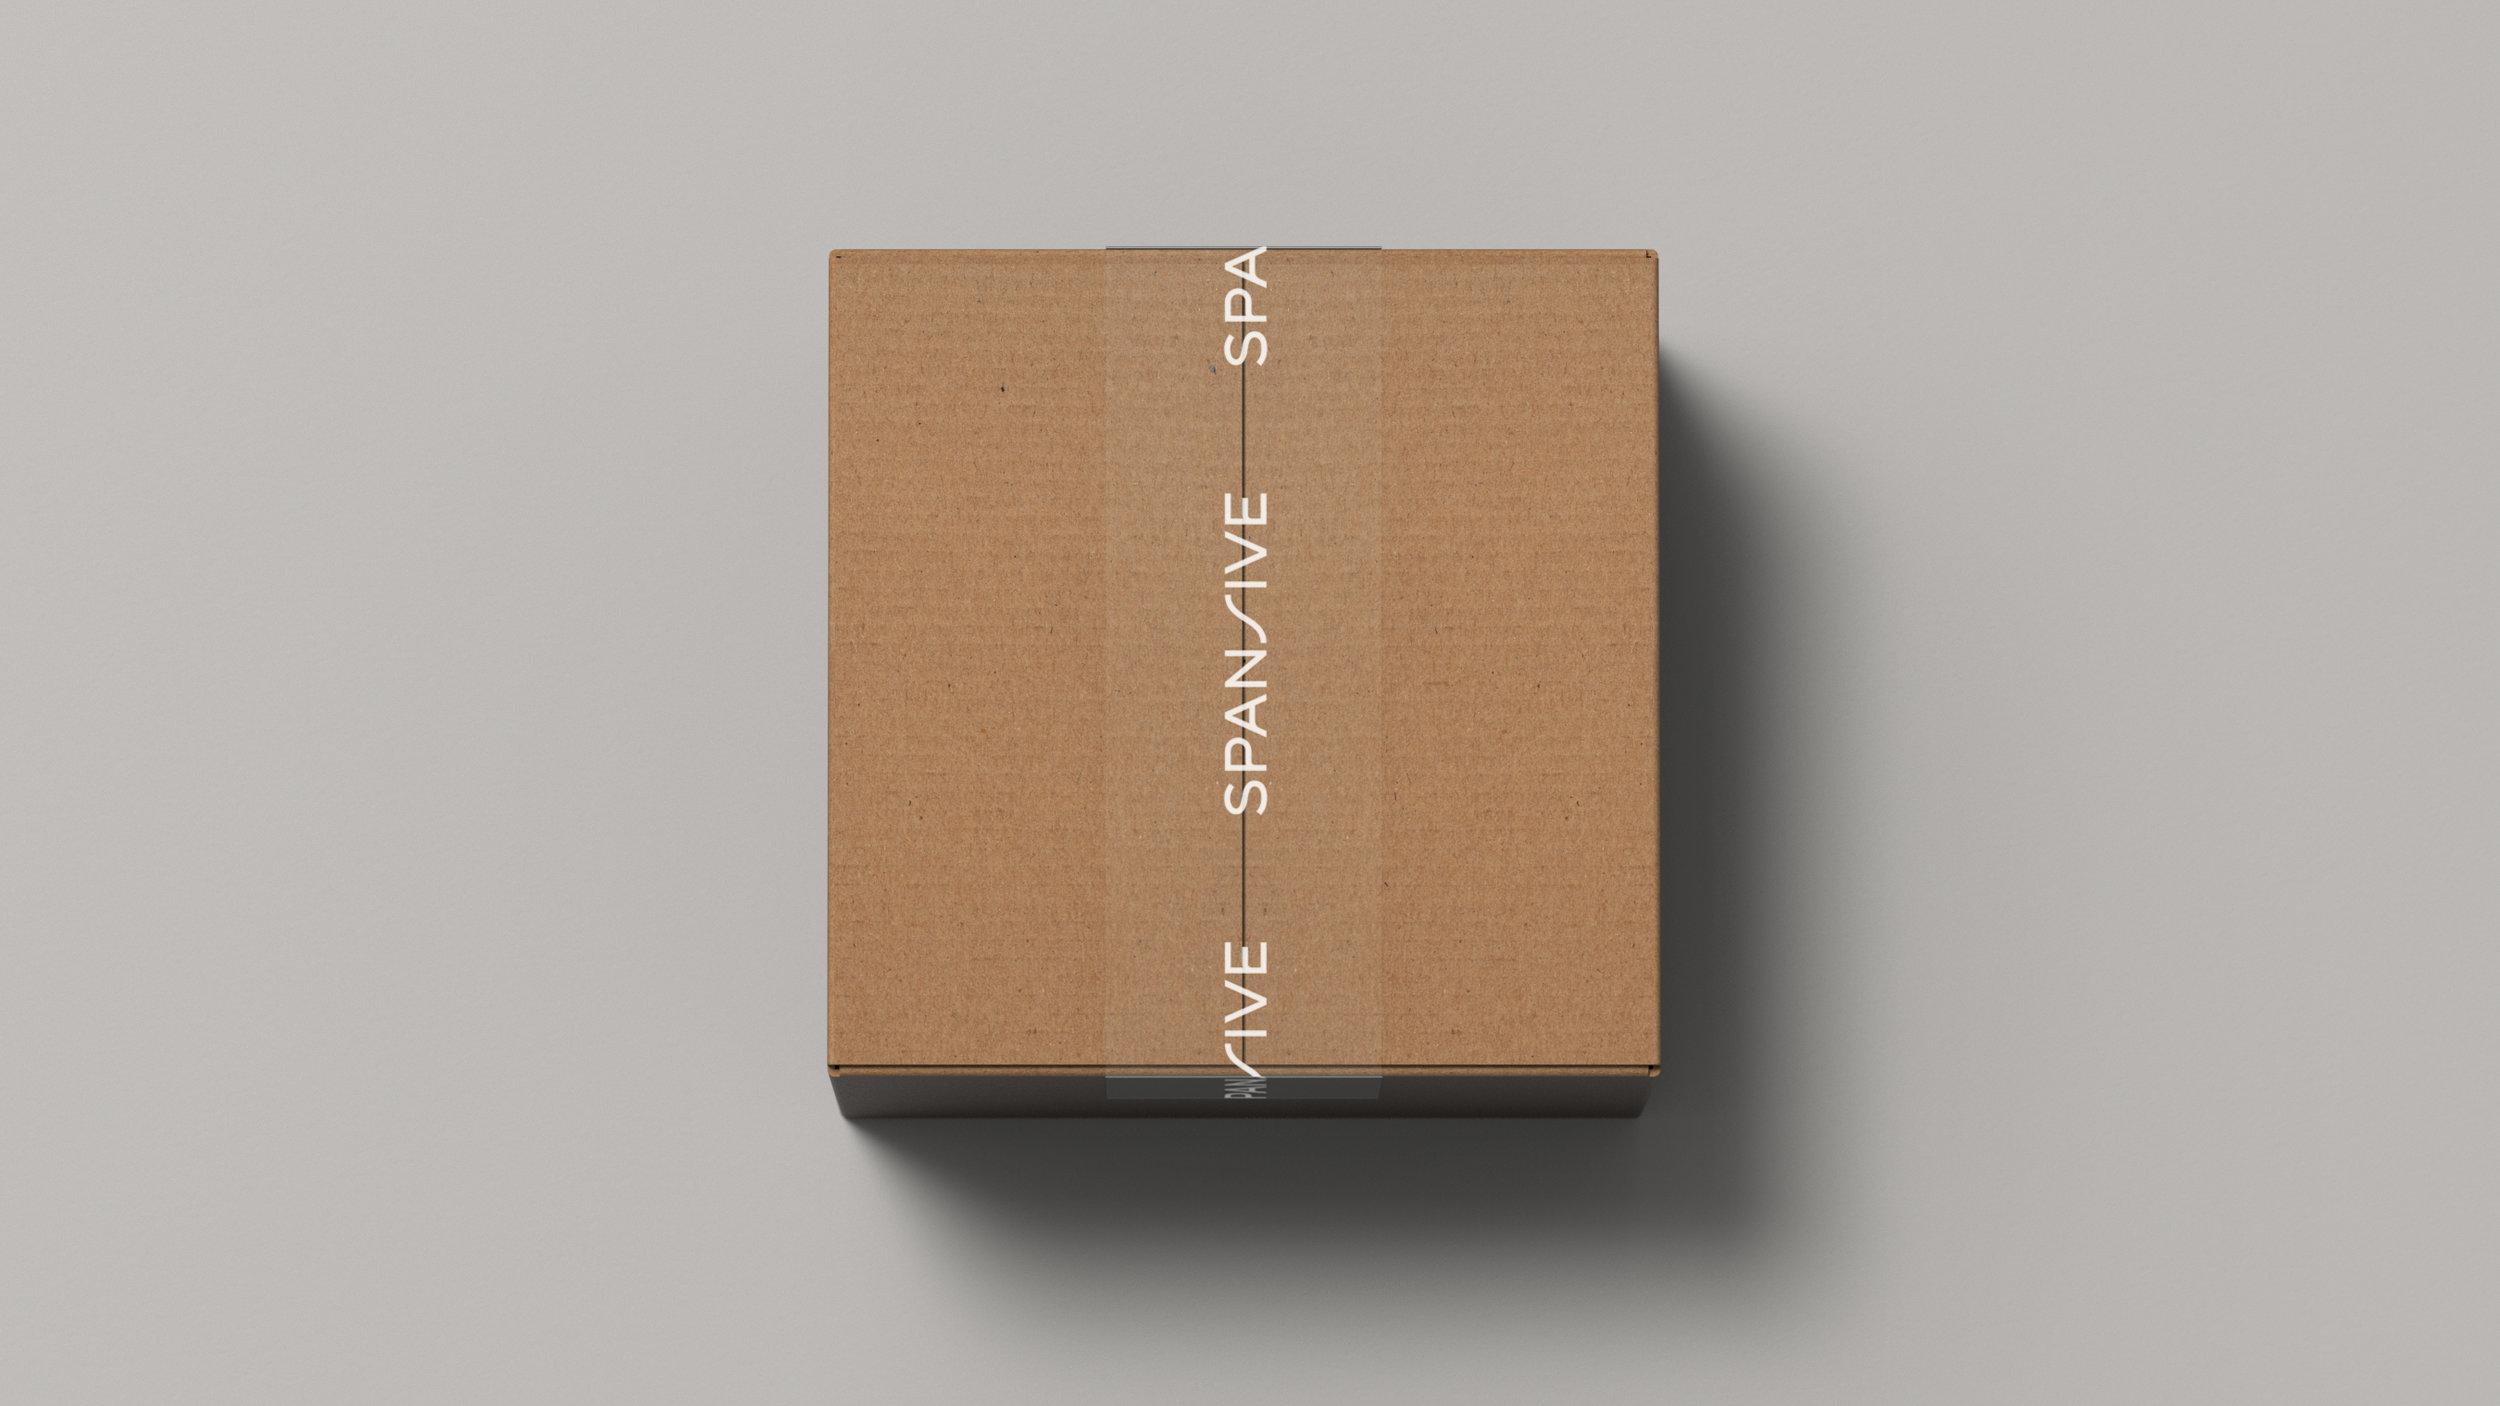 EnlistedWeb_Spansive_Packaging_Unboxing01_V2.jpg